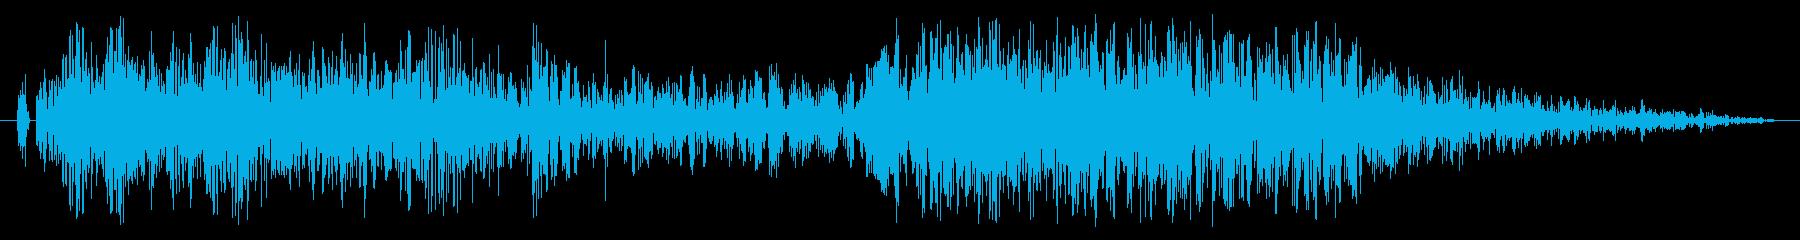 【レース】ド迫力の車アクセル効果音!02の再生済みの波形